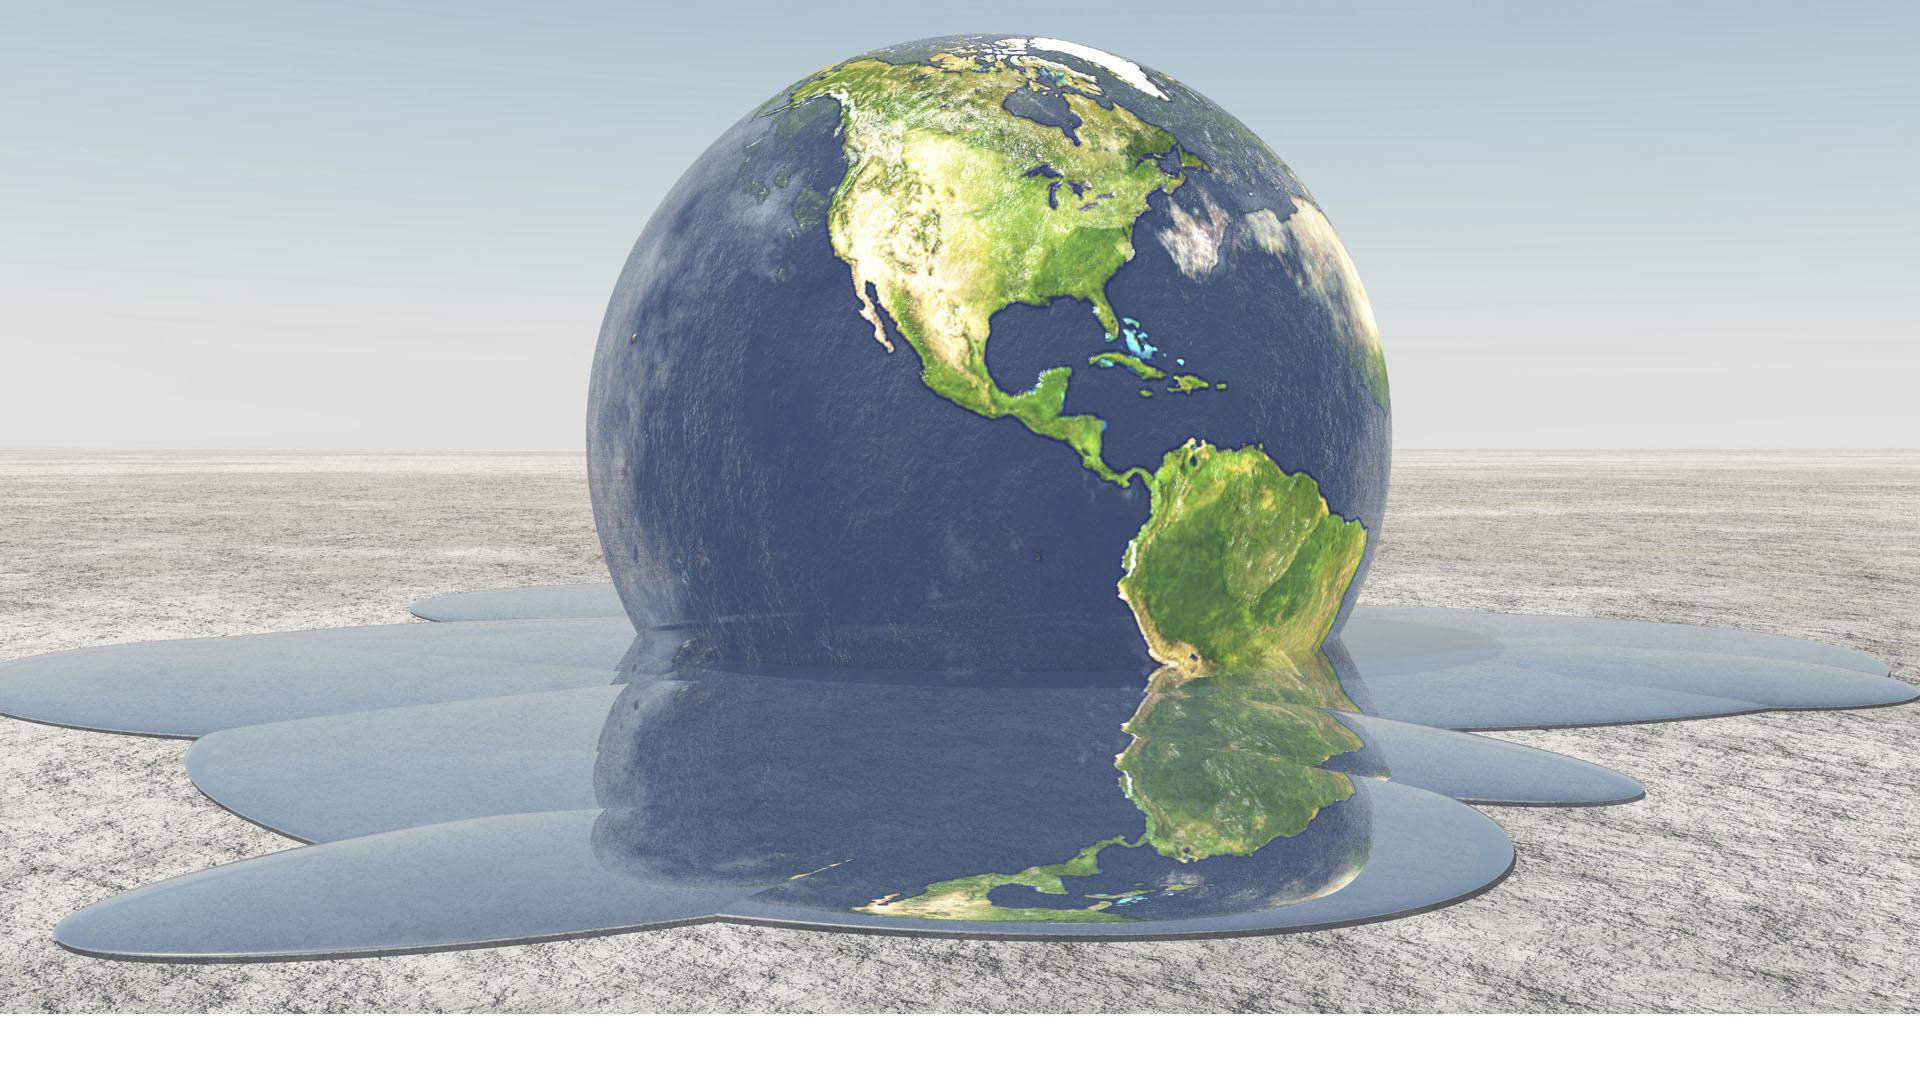 El mayor de los estudios sobre este fenómeno realizado hasta ahora se hizo en los seis continentes